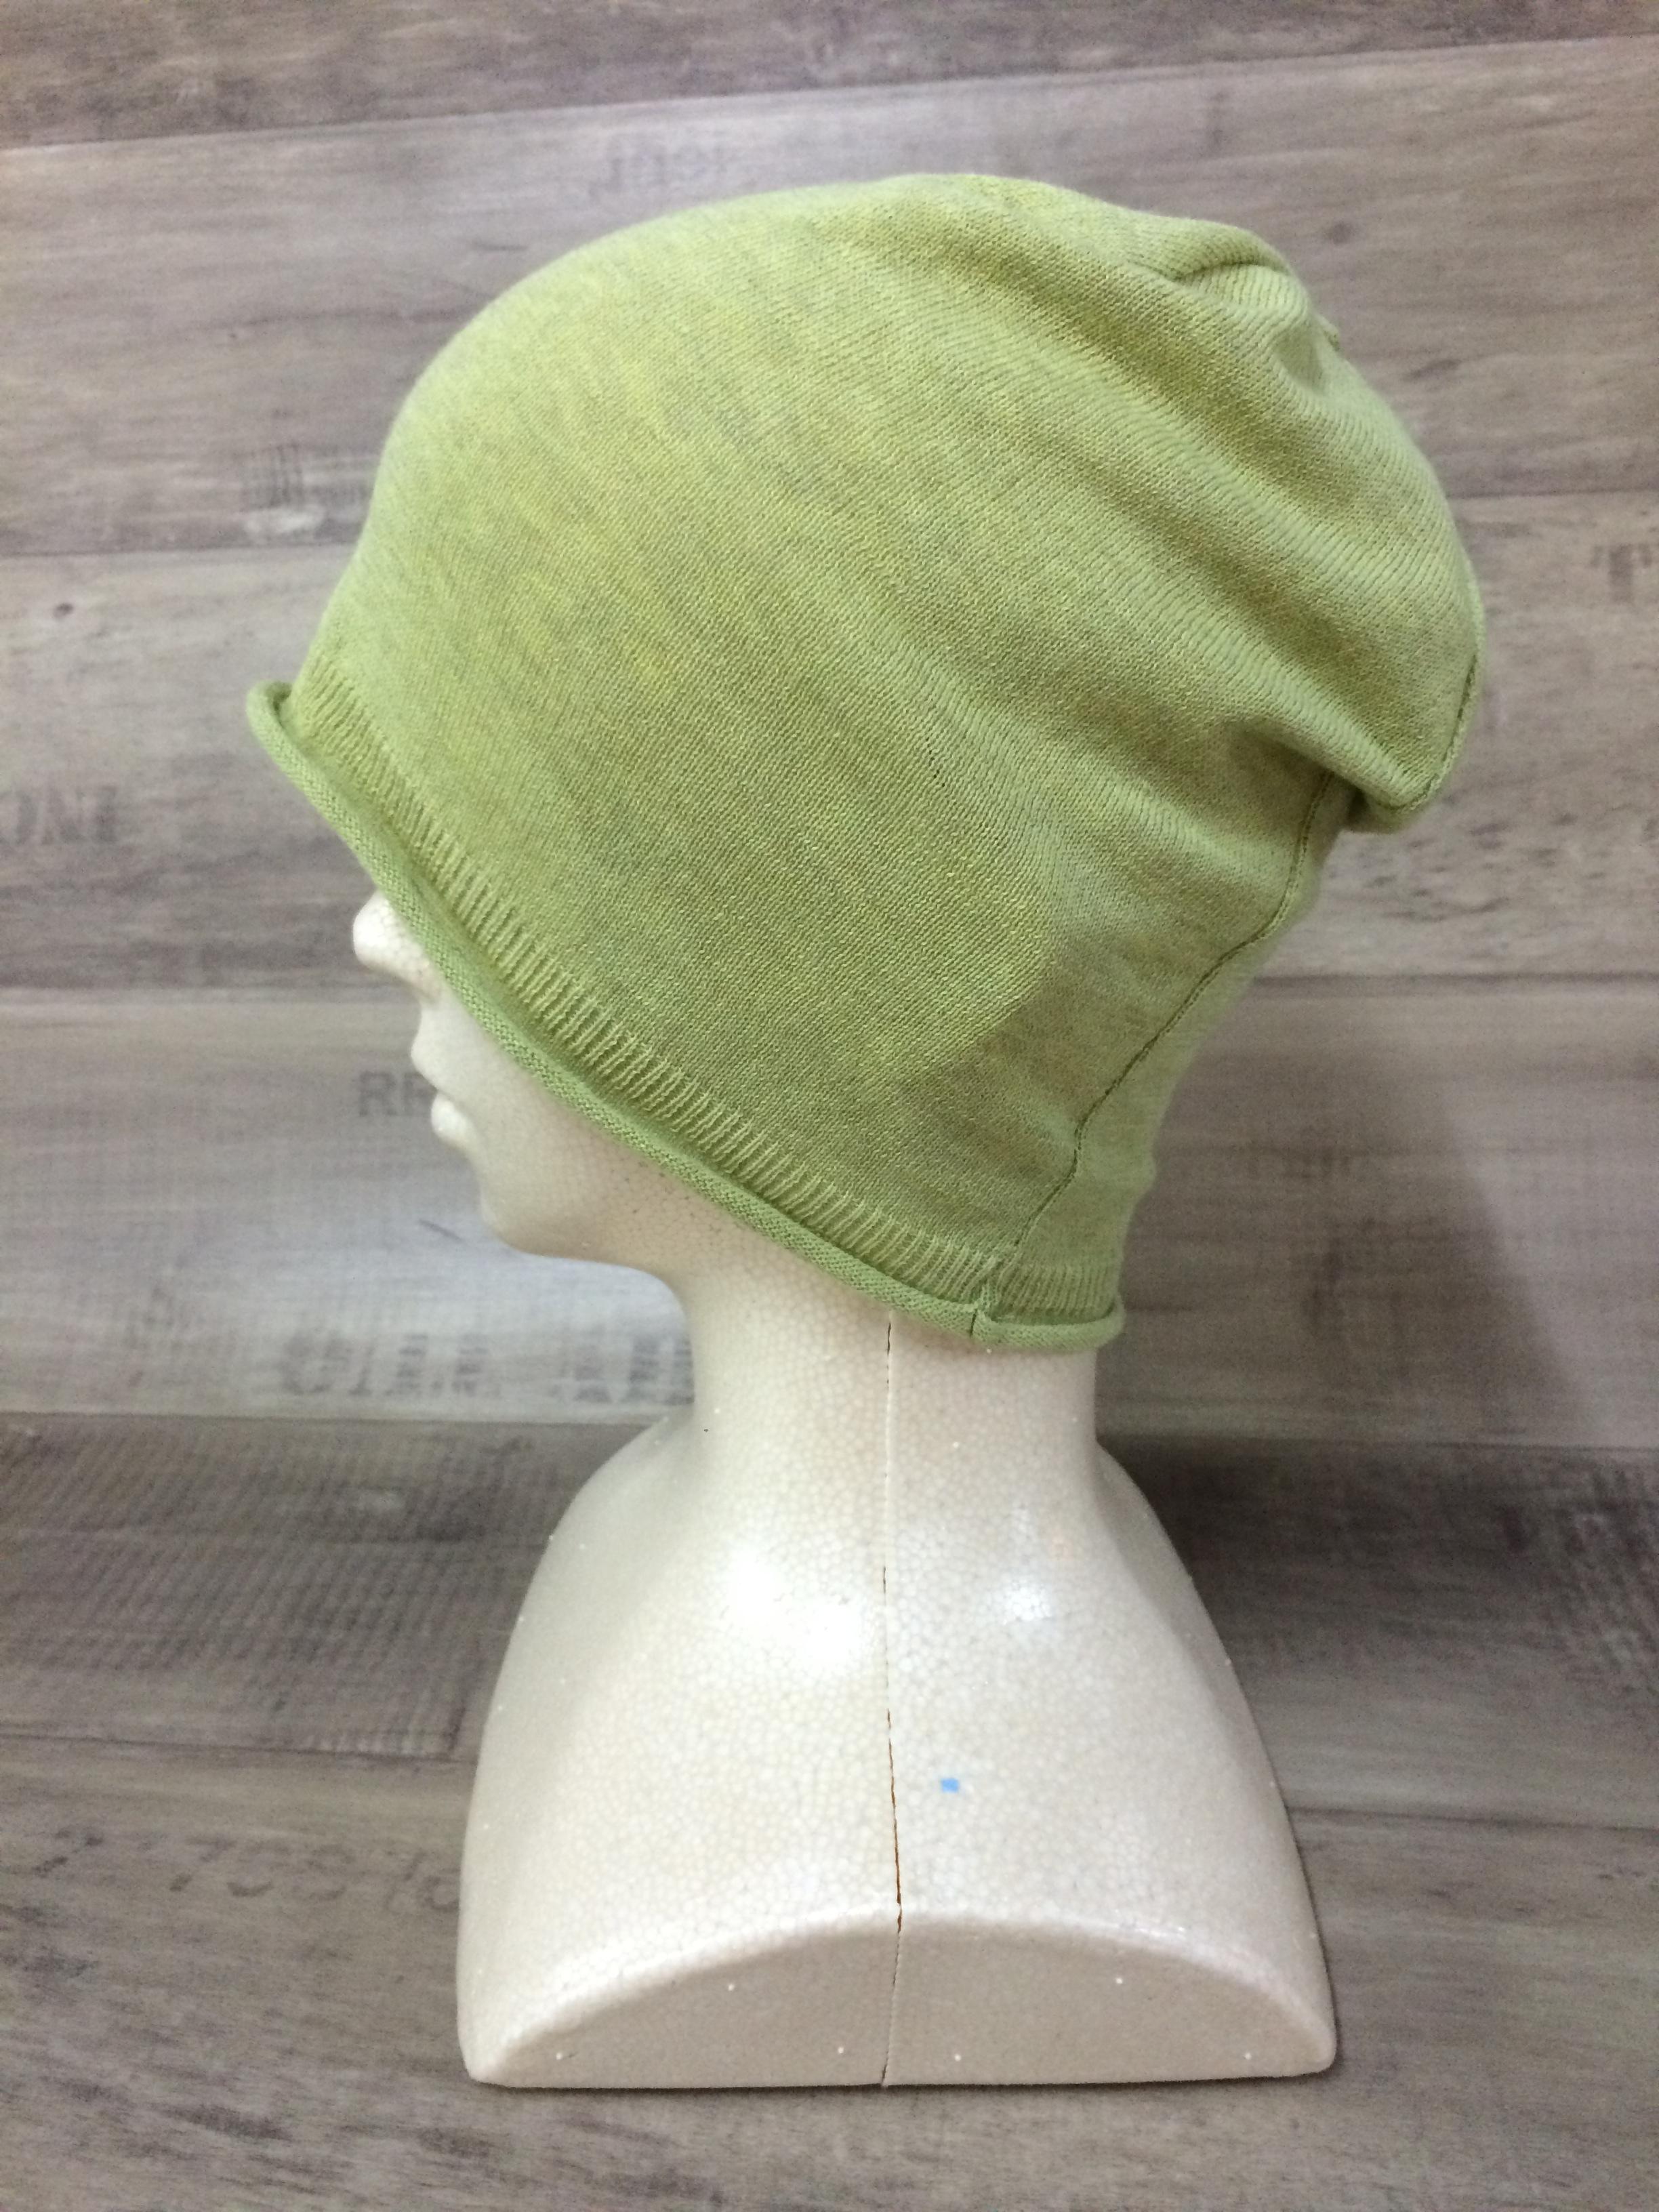 【送料無料】こころが軽くなるニット帽子amuamu|新潟の老舗ニットメーカーが考案した抗がん治療中の脱毛ストレスを軽減する機能性と豊富なデザイン NB-6058|ピスタチオ <オーガニックコットン アウター>